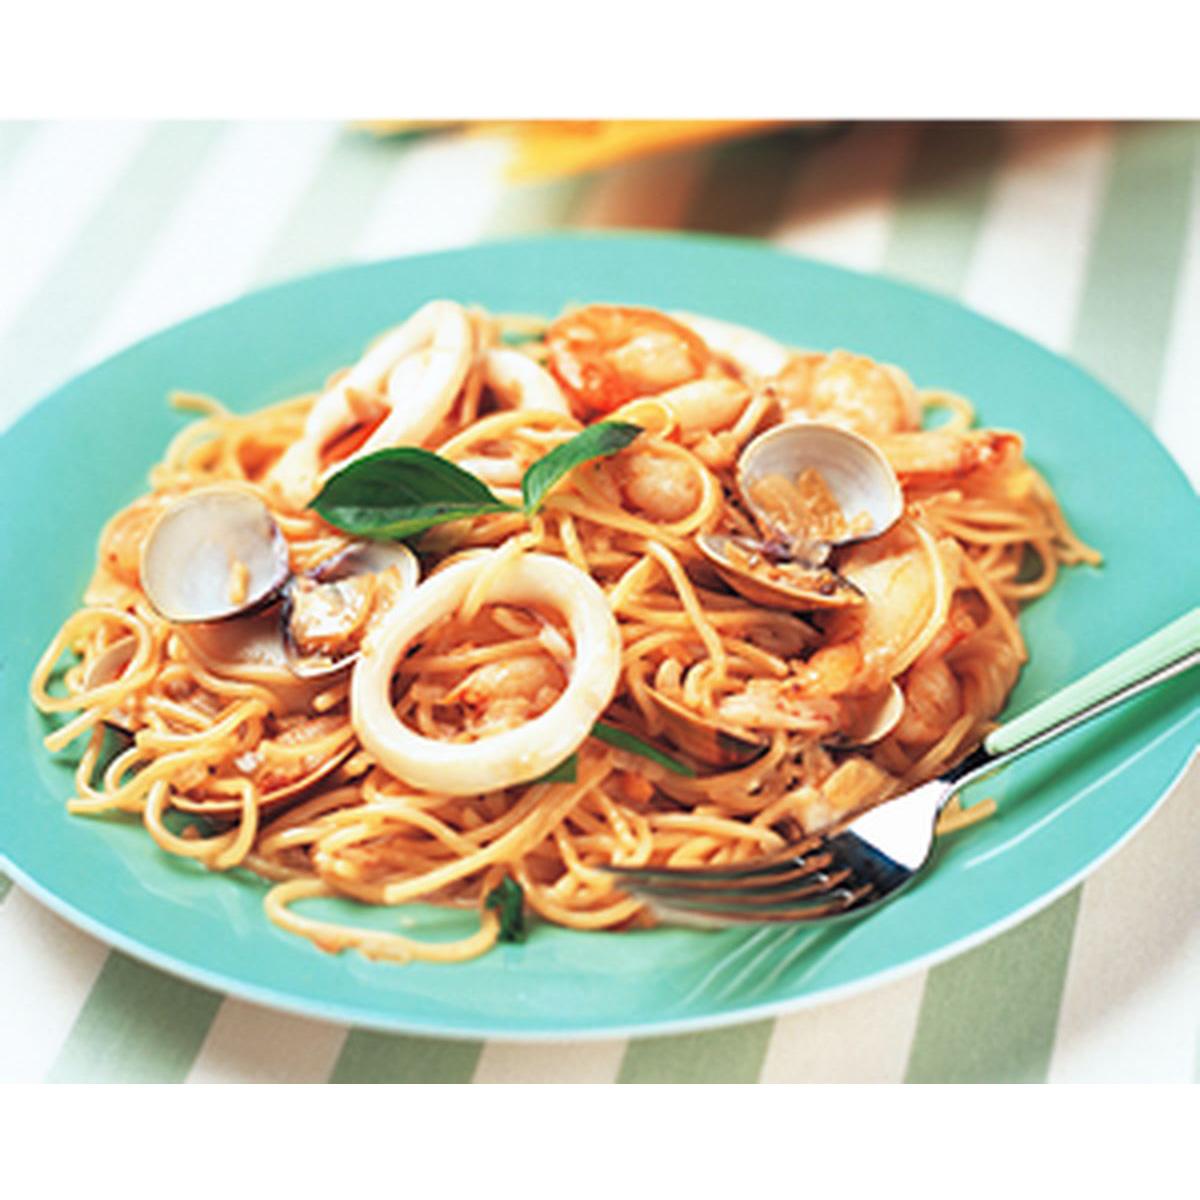 食譜:海鮮清醬義大利麵